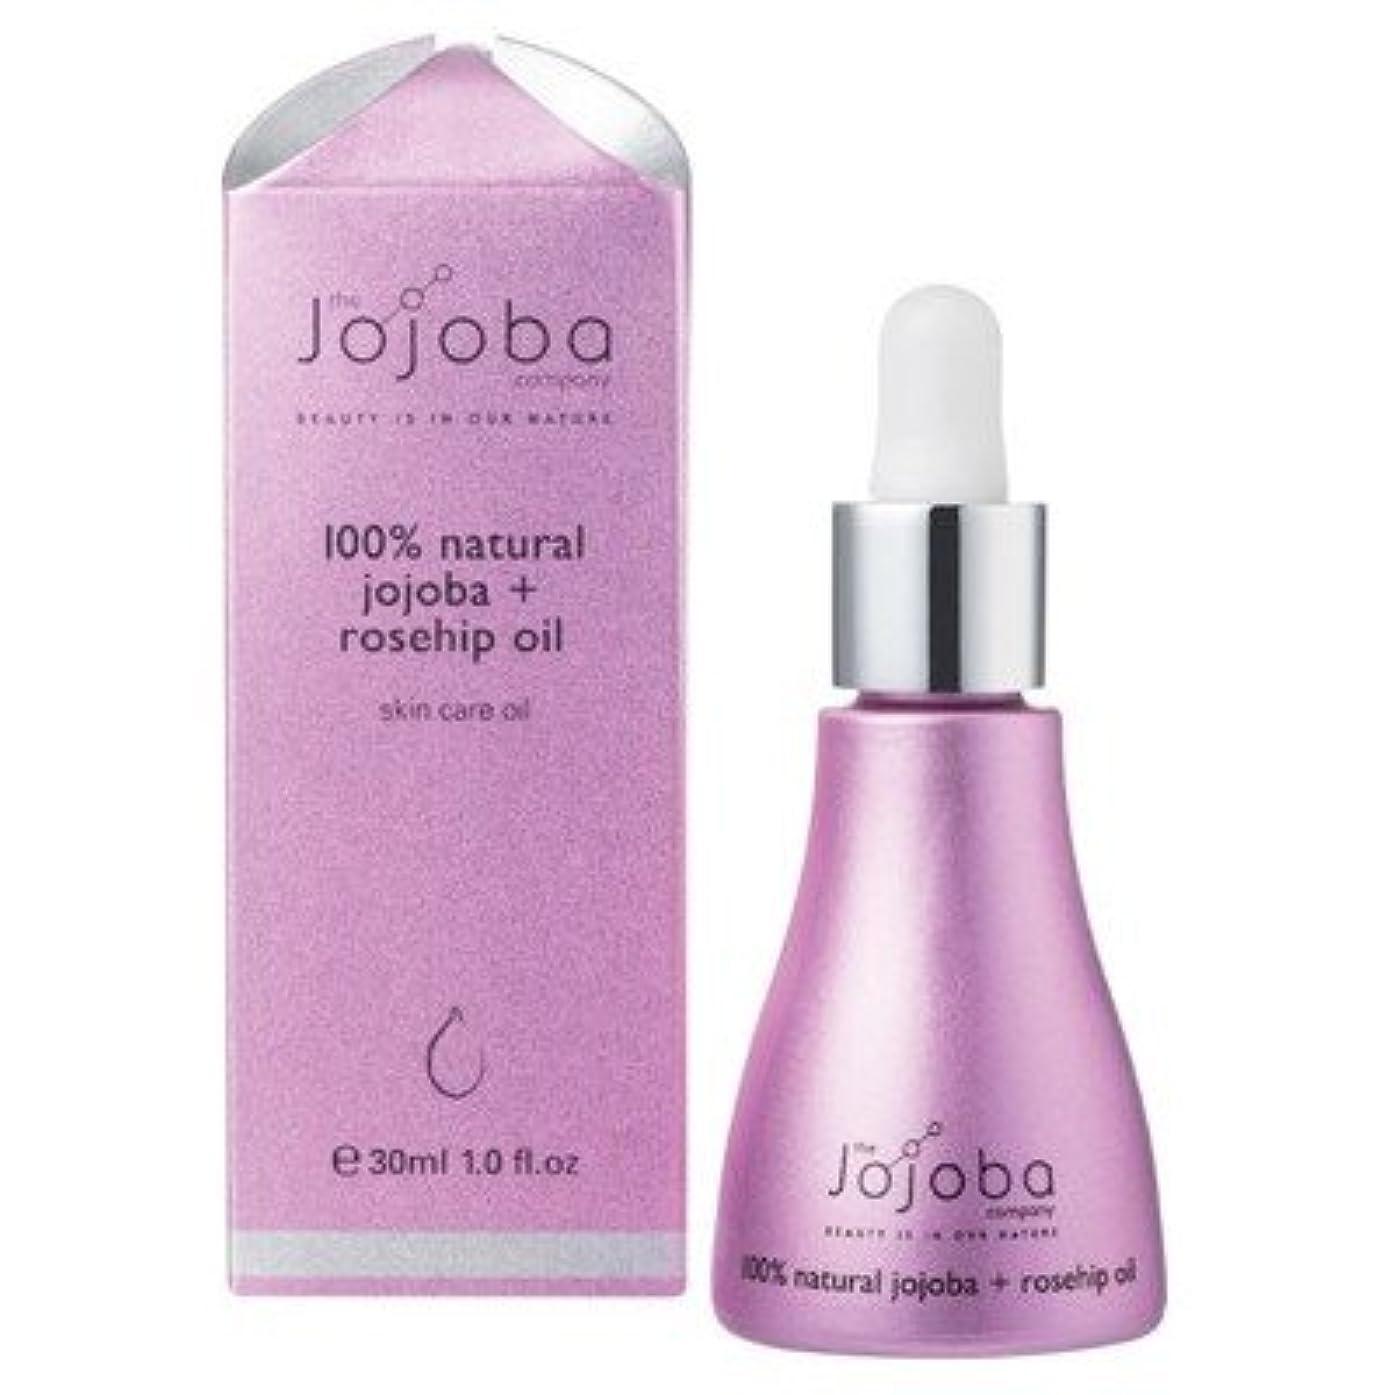 回答司書マザーランドthe Jojoba Company 100% Natural Australian Jojoba Oil + Rosehip Oil ホホバ&ローズヒップブレンドオイル 30ml [海外直送品]